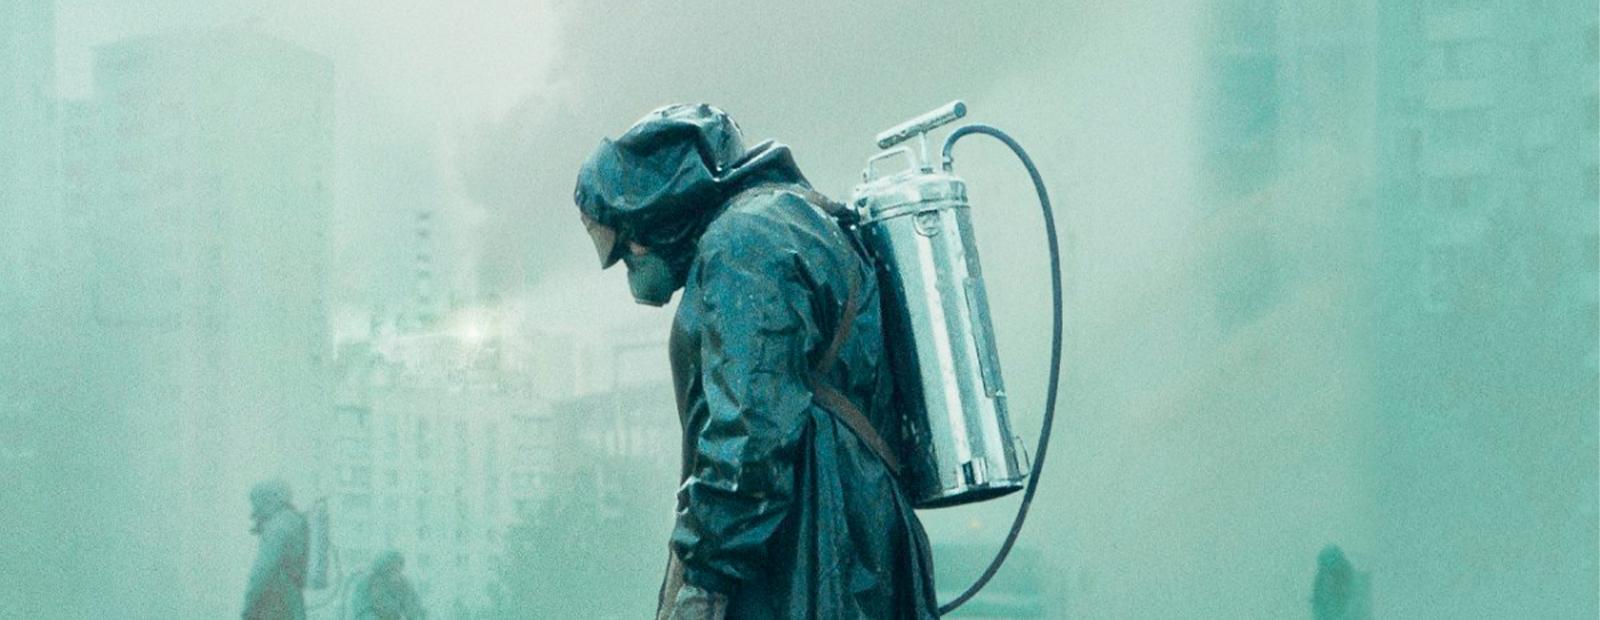 «Чернобыль»: правда и вымысел в нашумевшем сериале. Новости Днепра